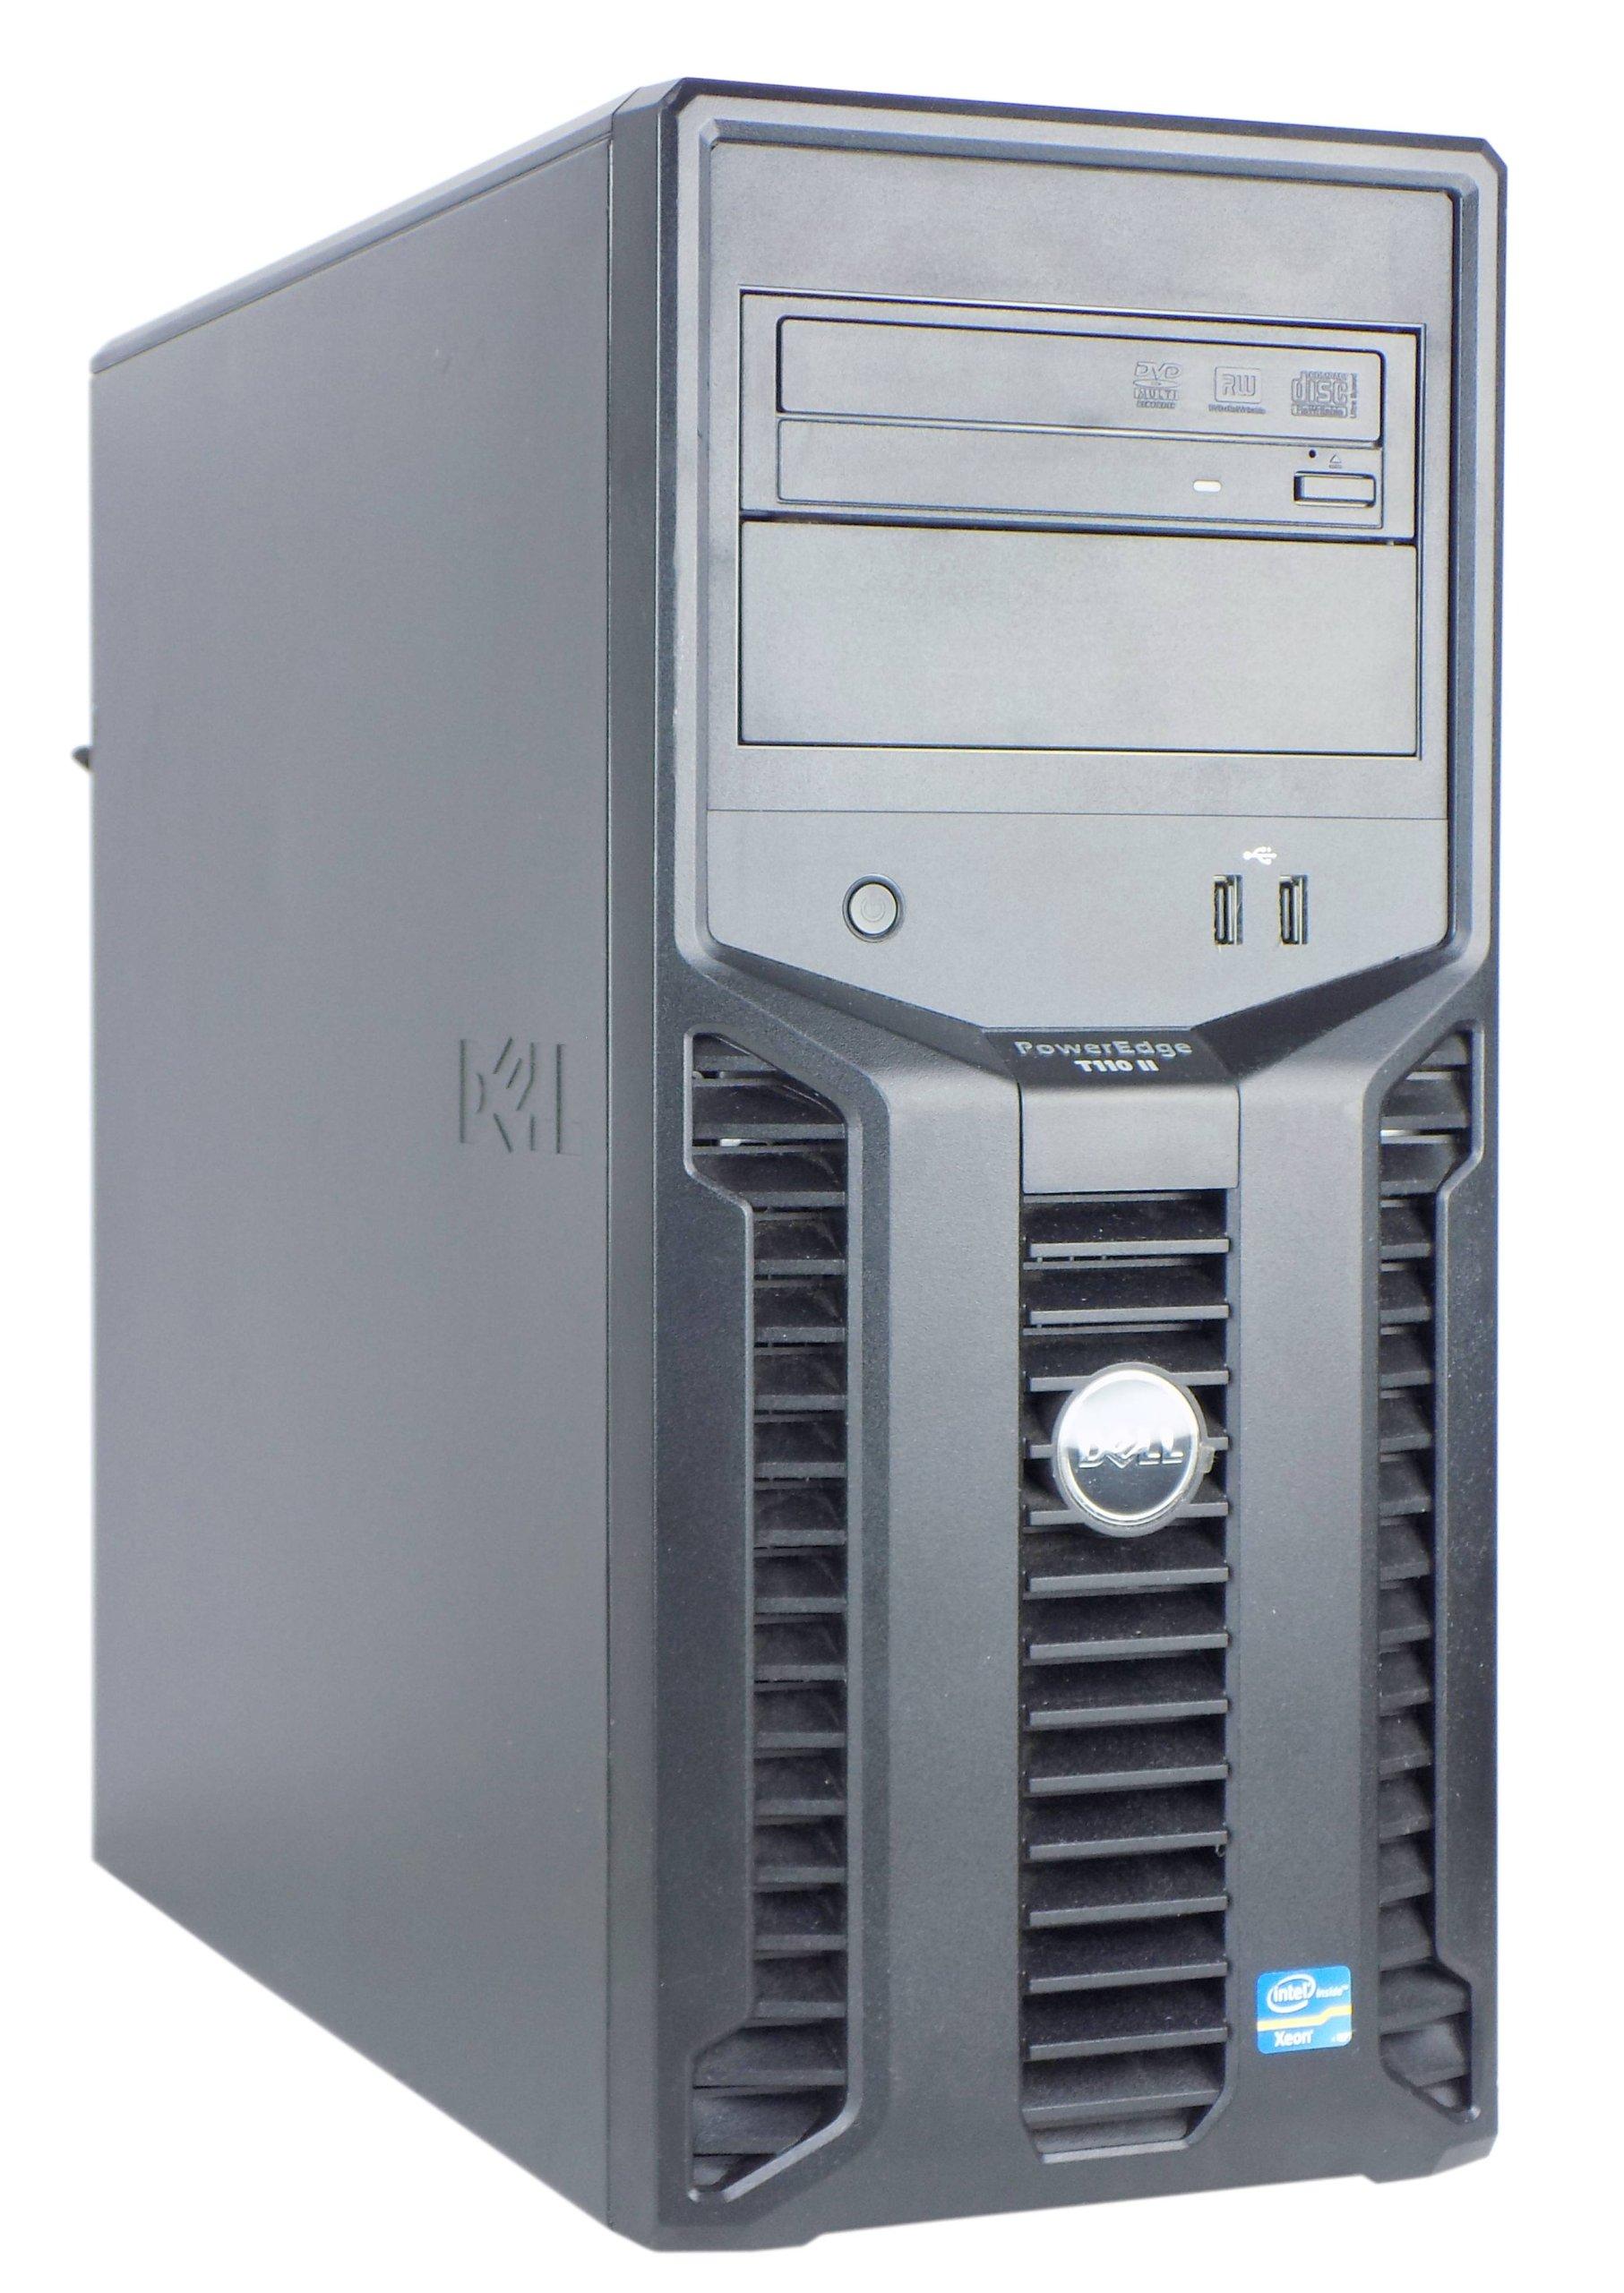 DELL T110 II XEON E3-1220 V2 8GB 300 SAS RAID GW12